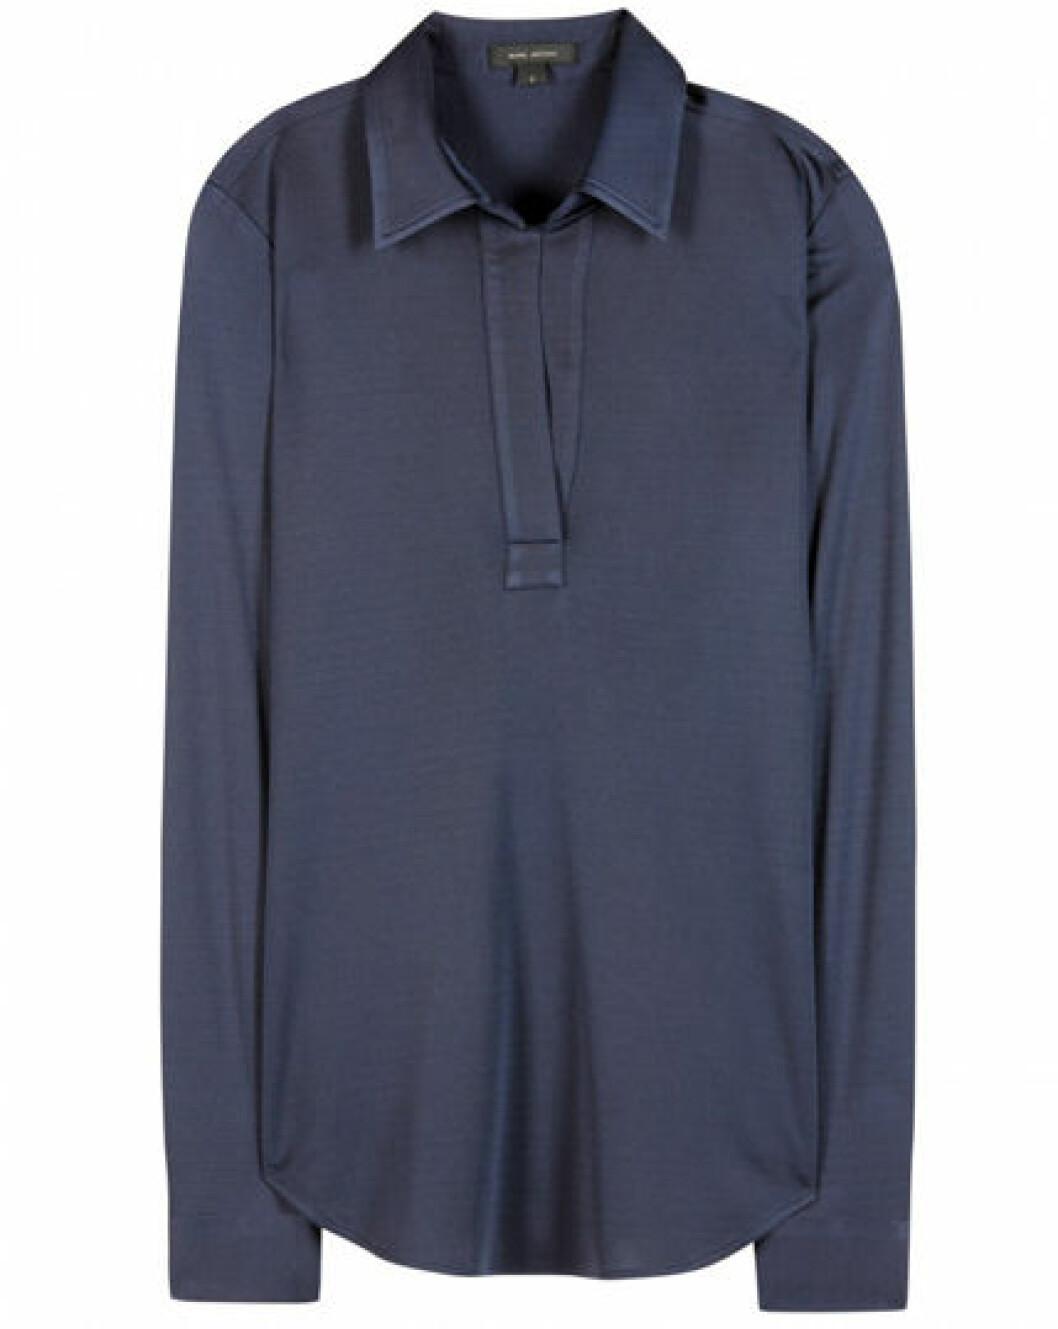 Blus, 6762 kr, Marc Jacobs Mytheresa.com